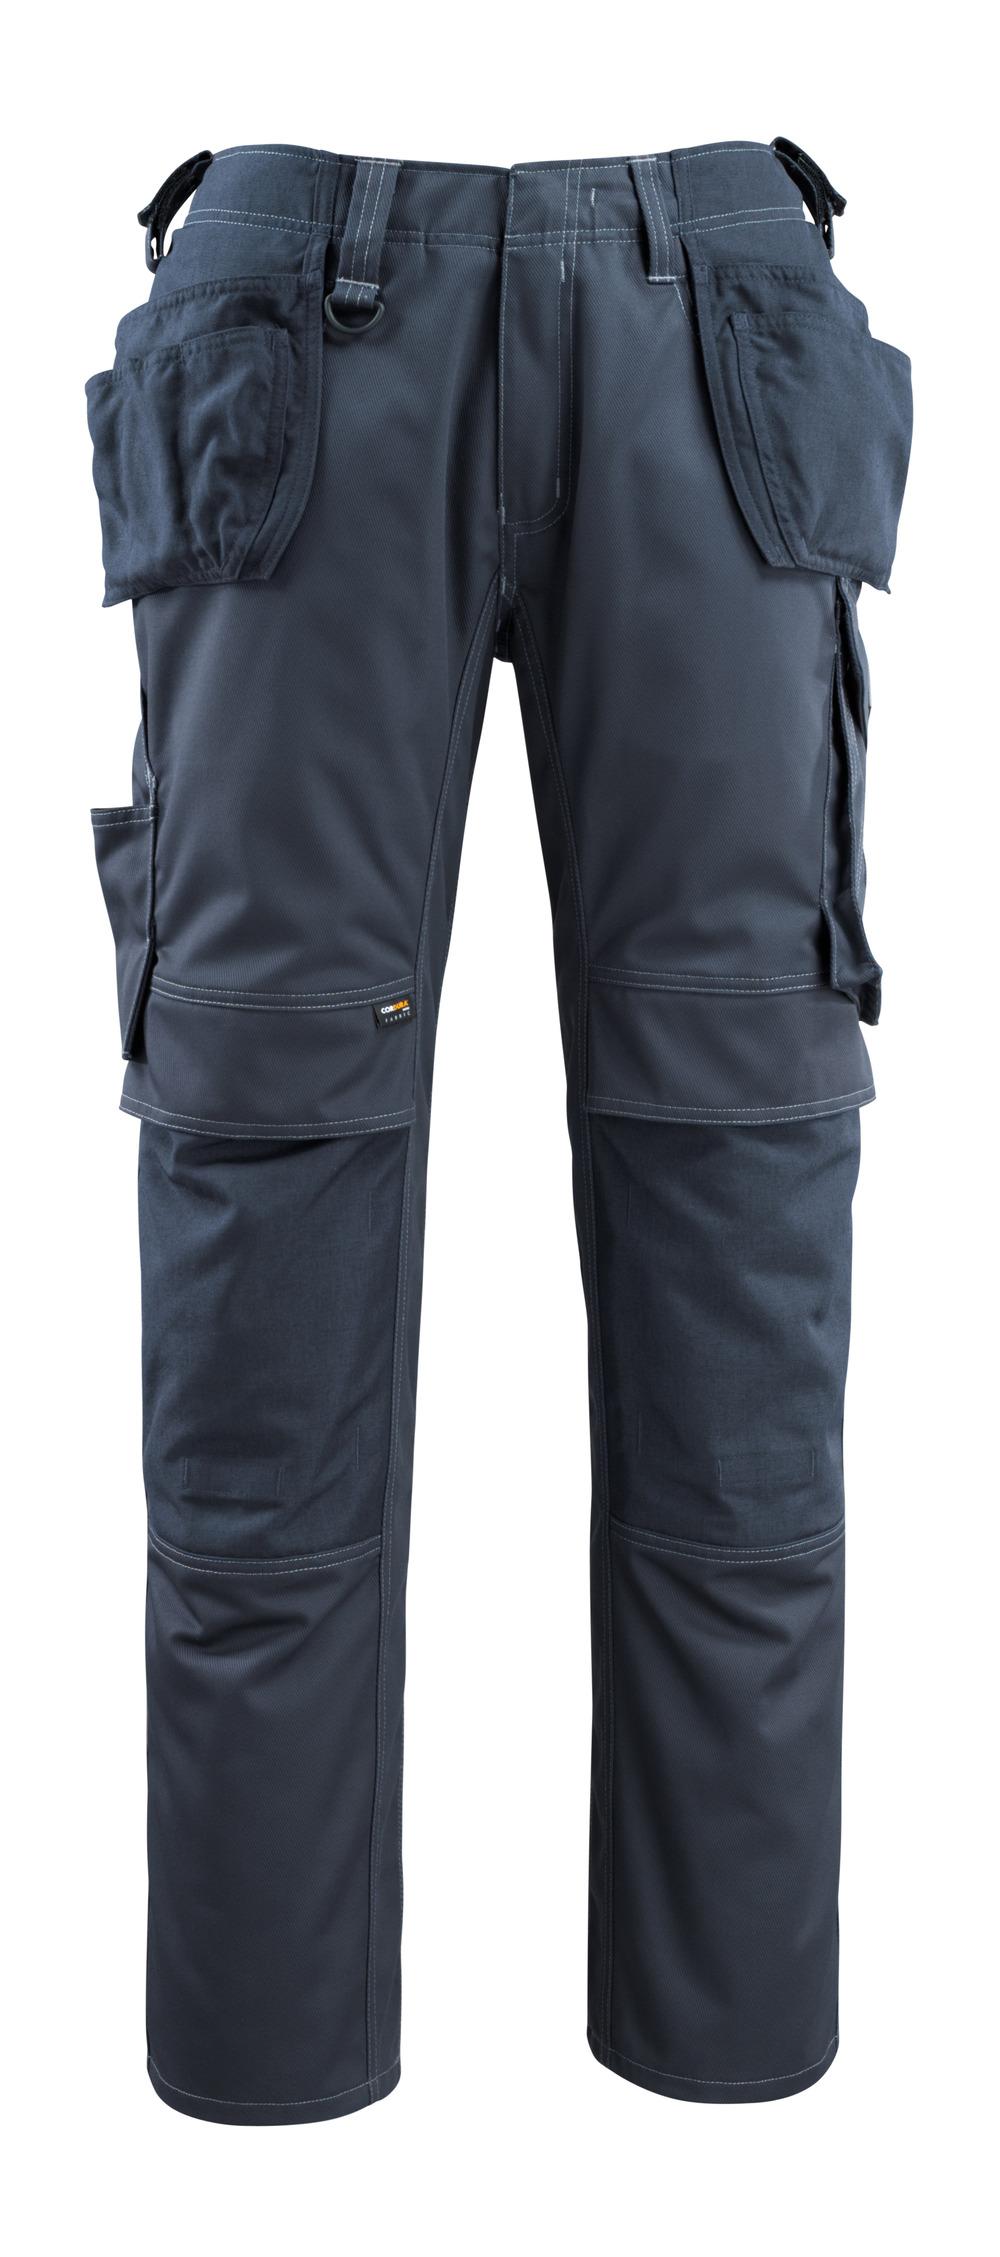 14131-203-010 Pantaloni con tasche porta-ginocchiere e tasche esterne - blu navy scuro